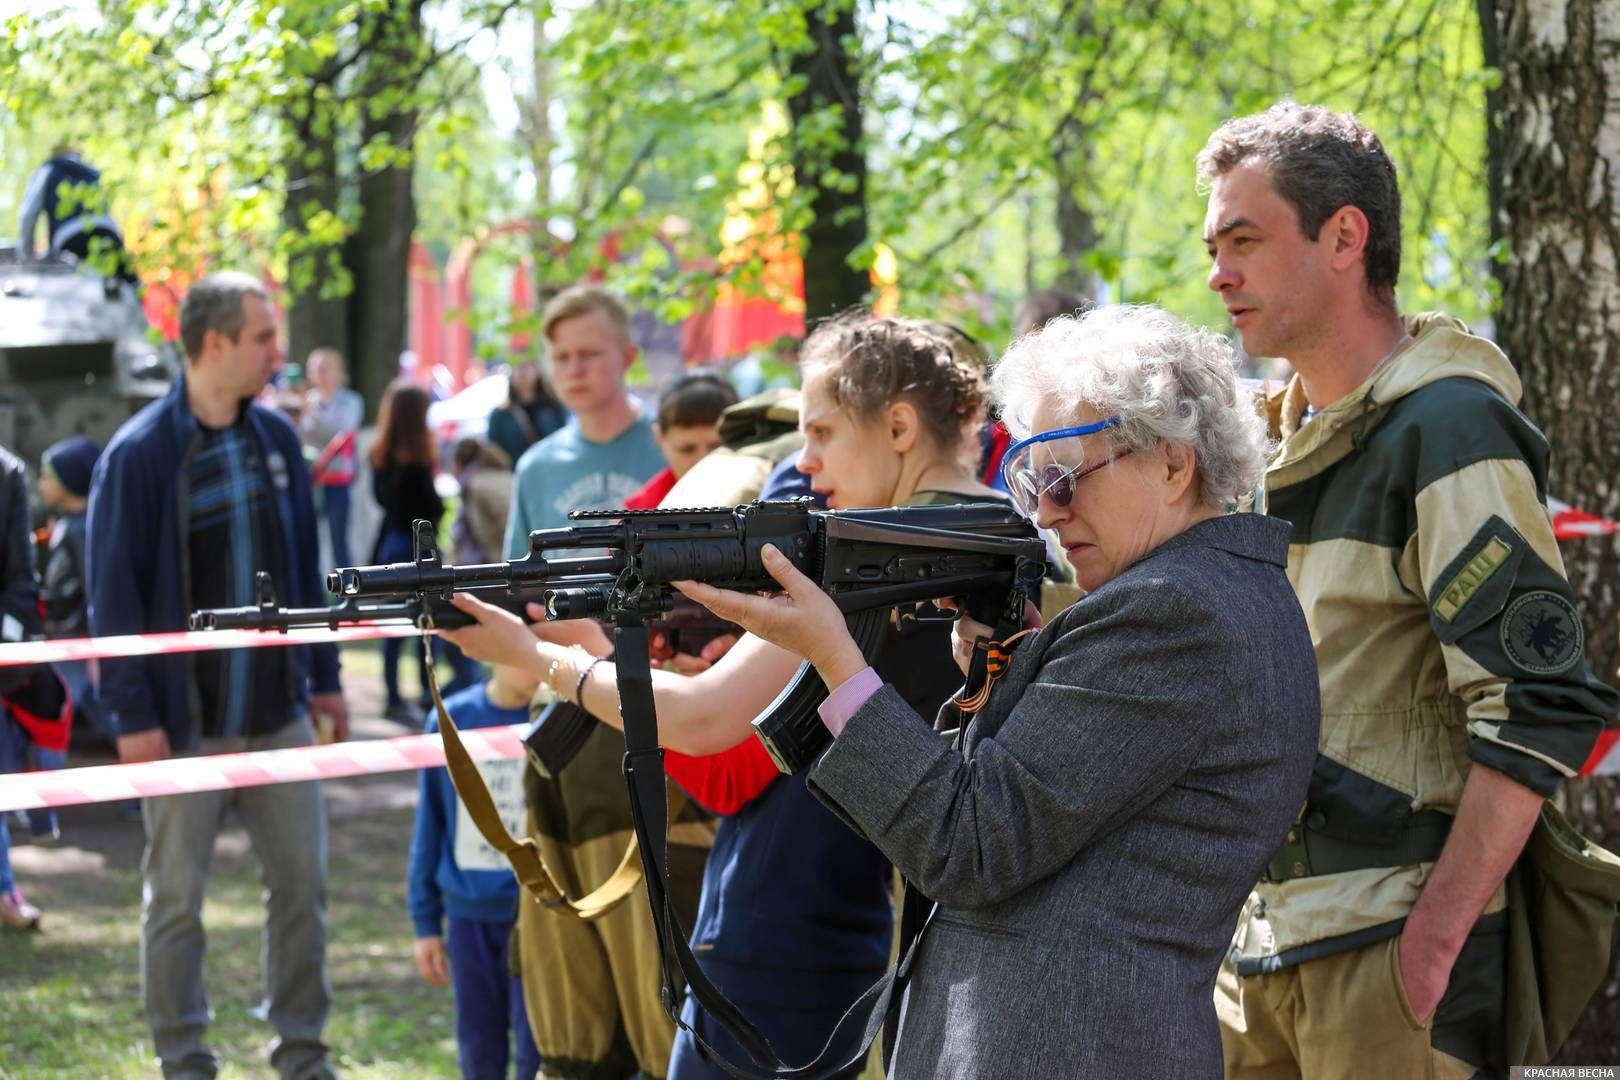 Ярославль. Празднование Дня Победы в городском тире.